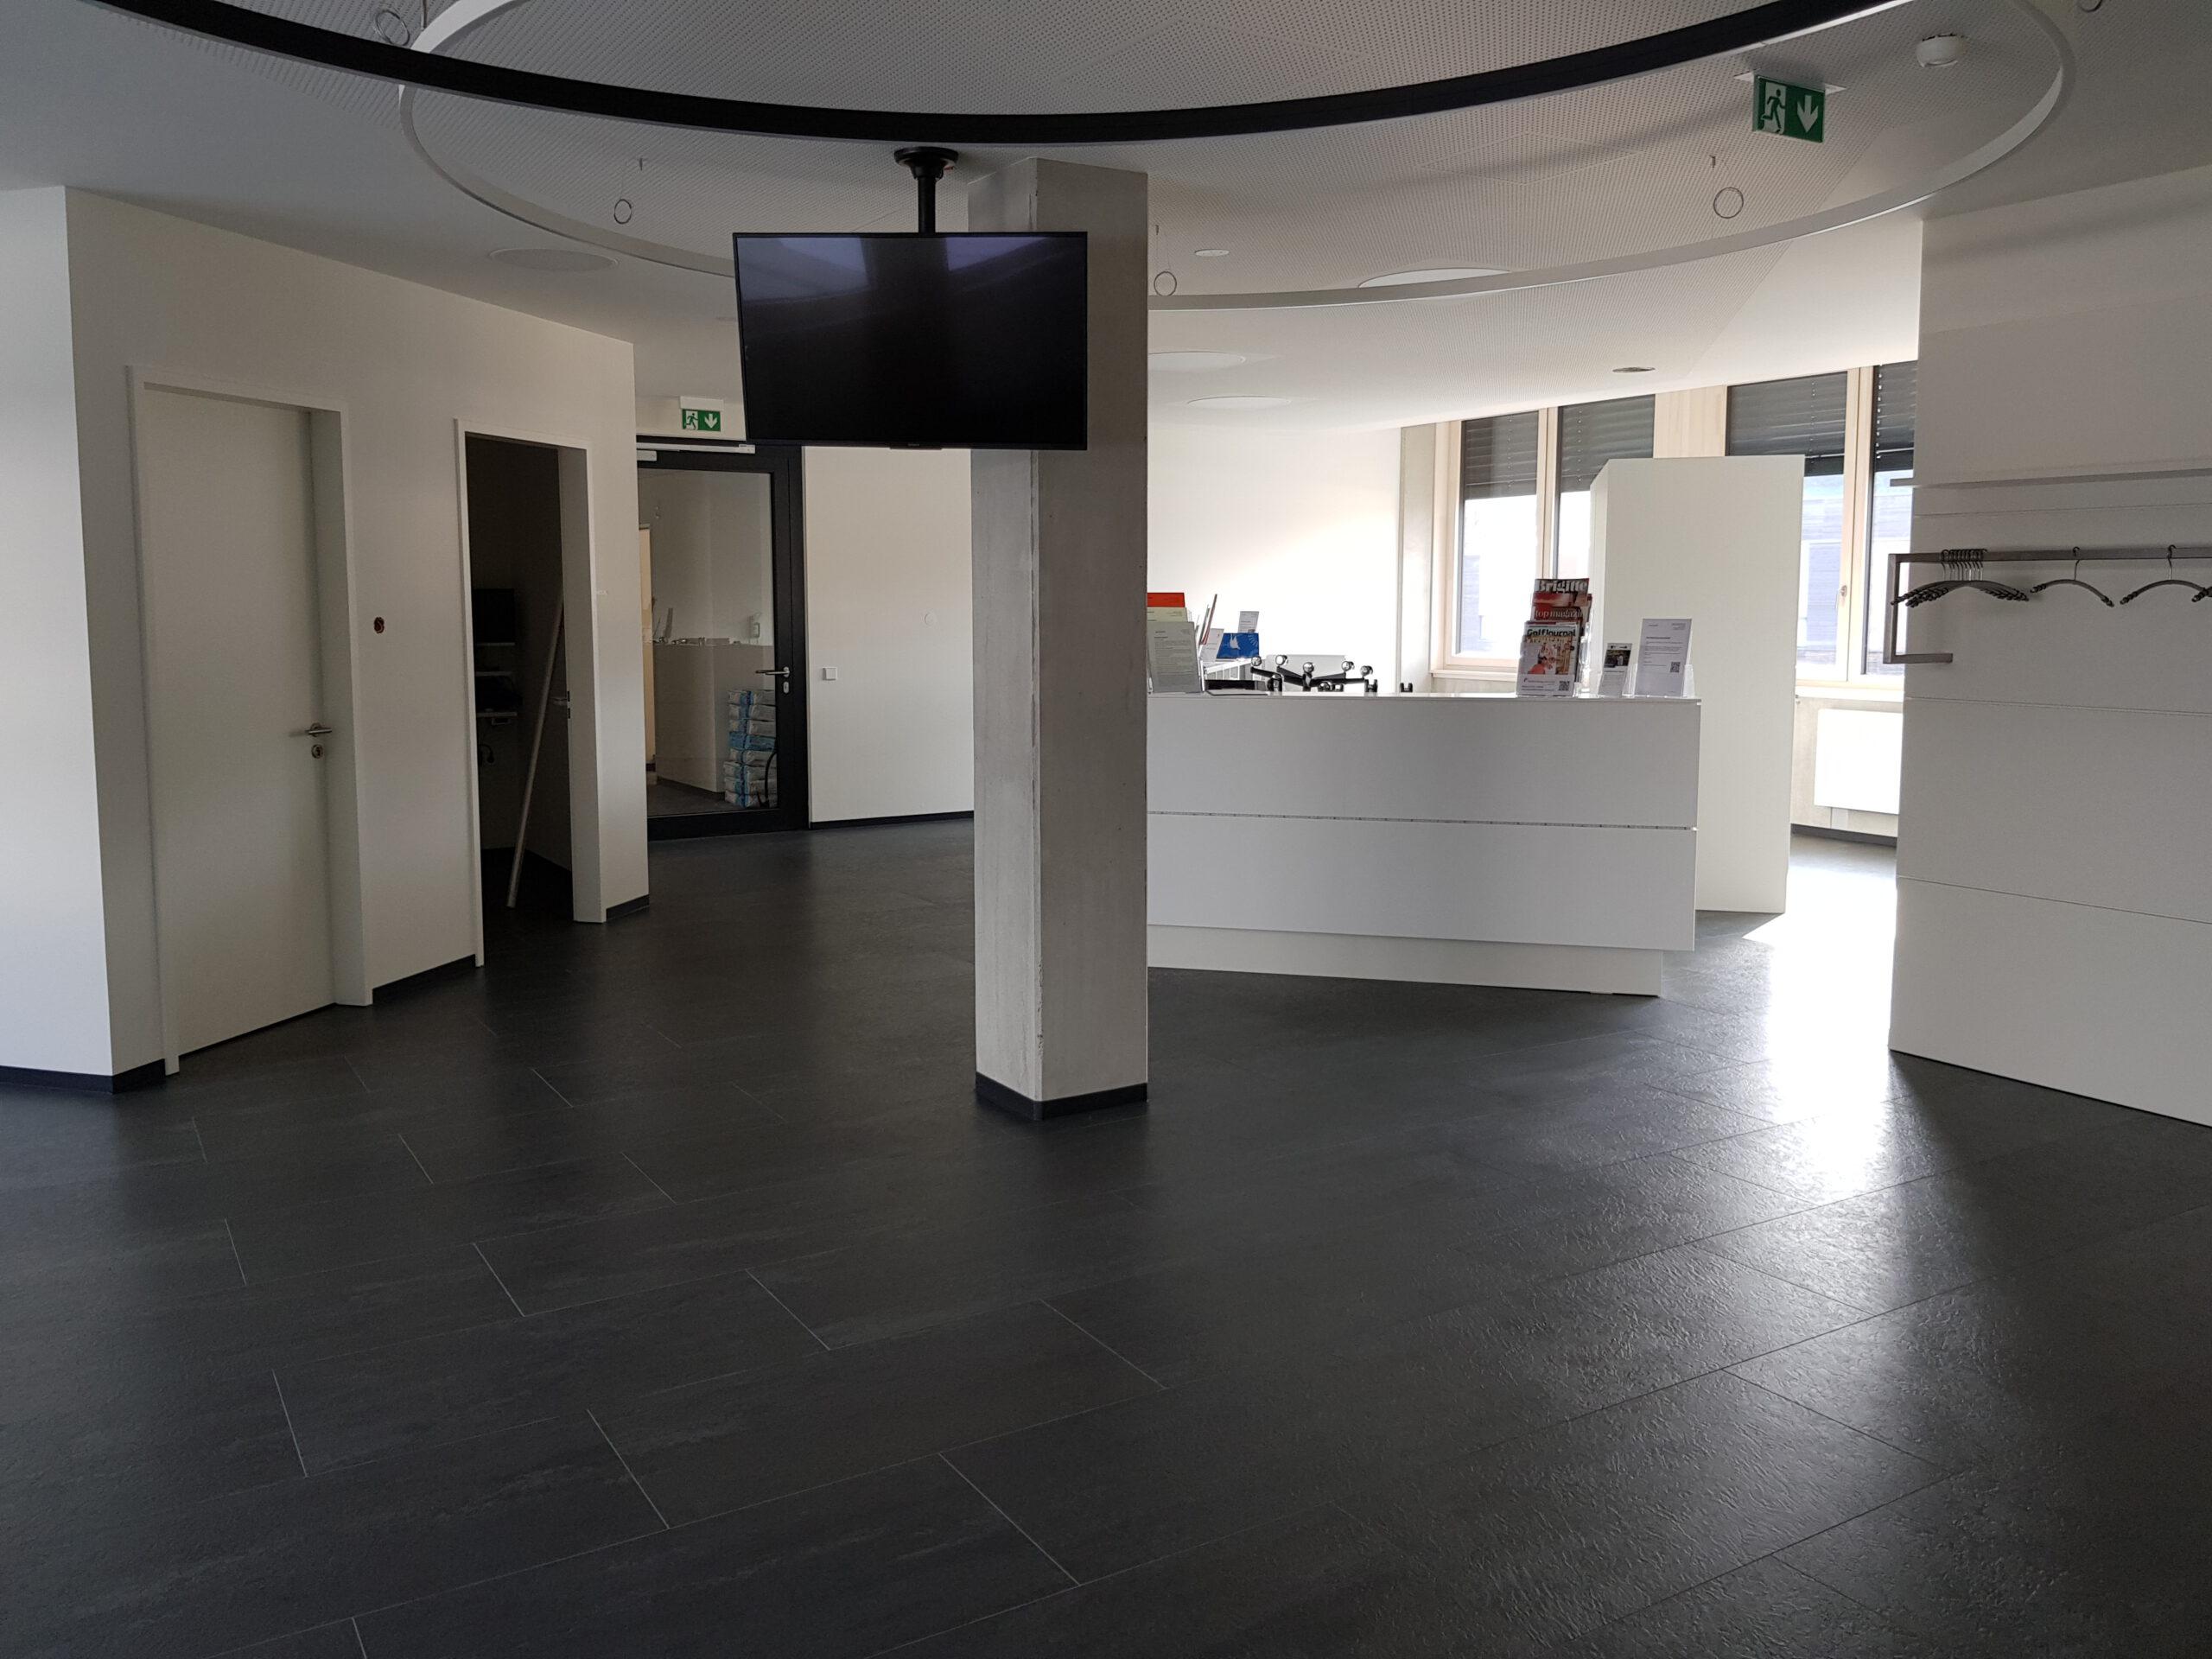 Kautschuk-Bodenbelag für Ärztehaus 4